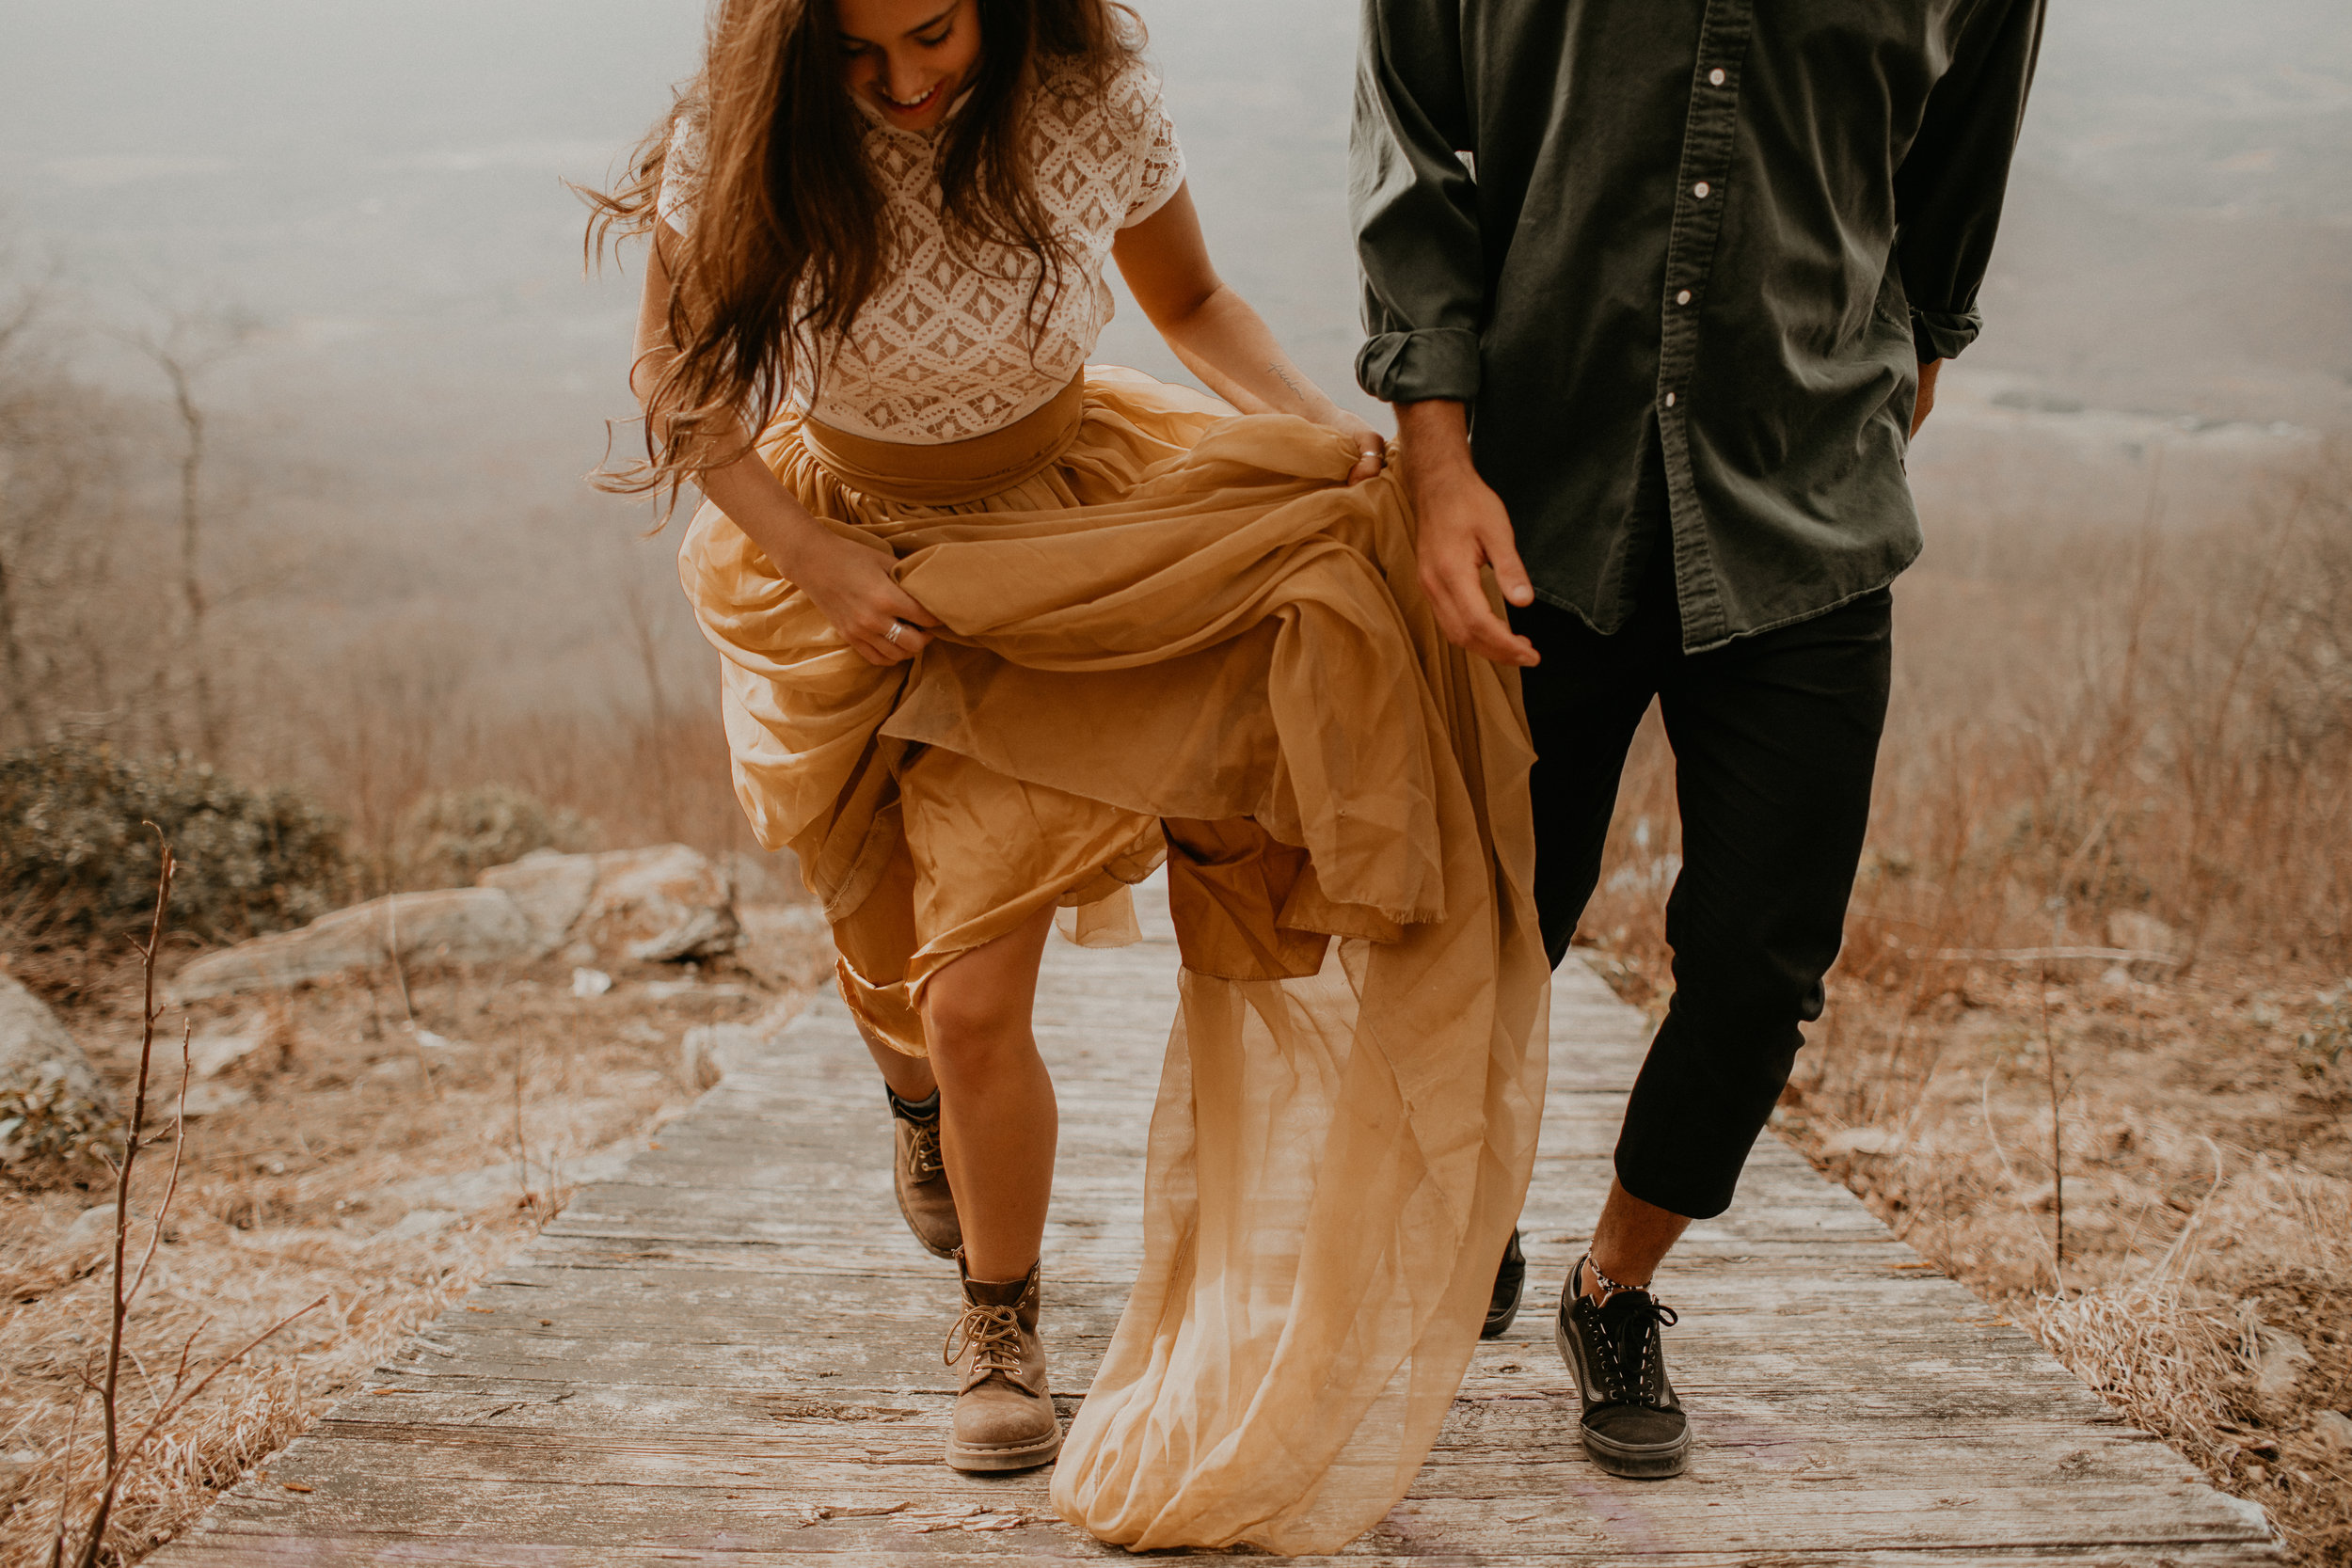 shenandoah national park elopement | claire + Nico